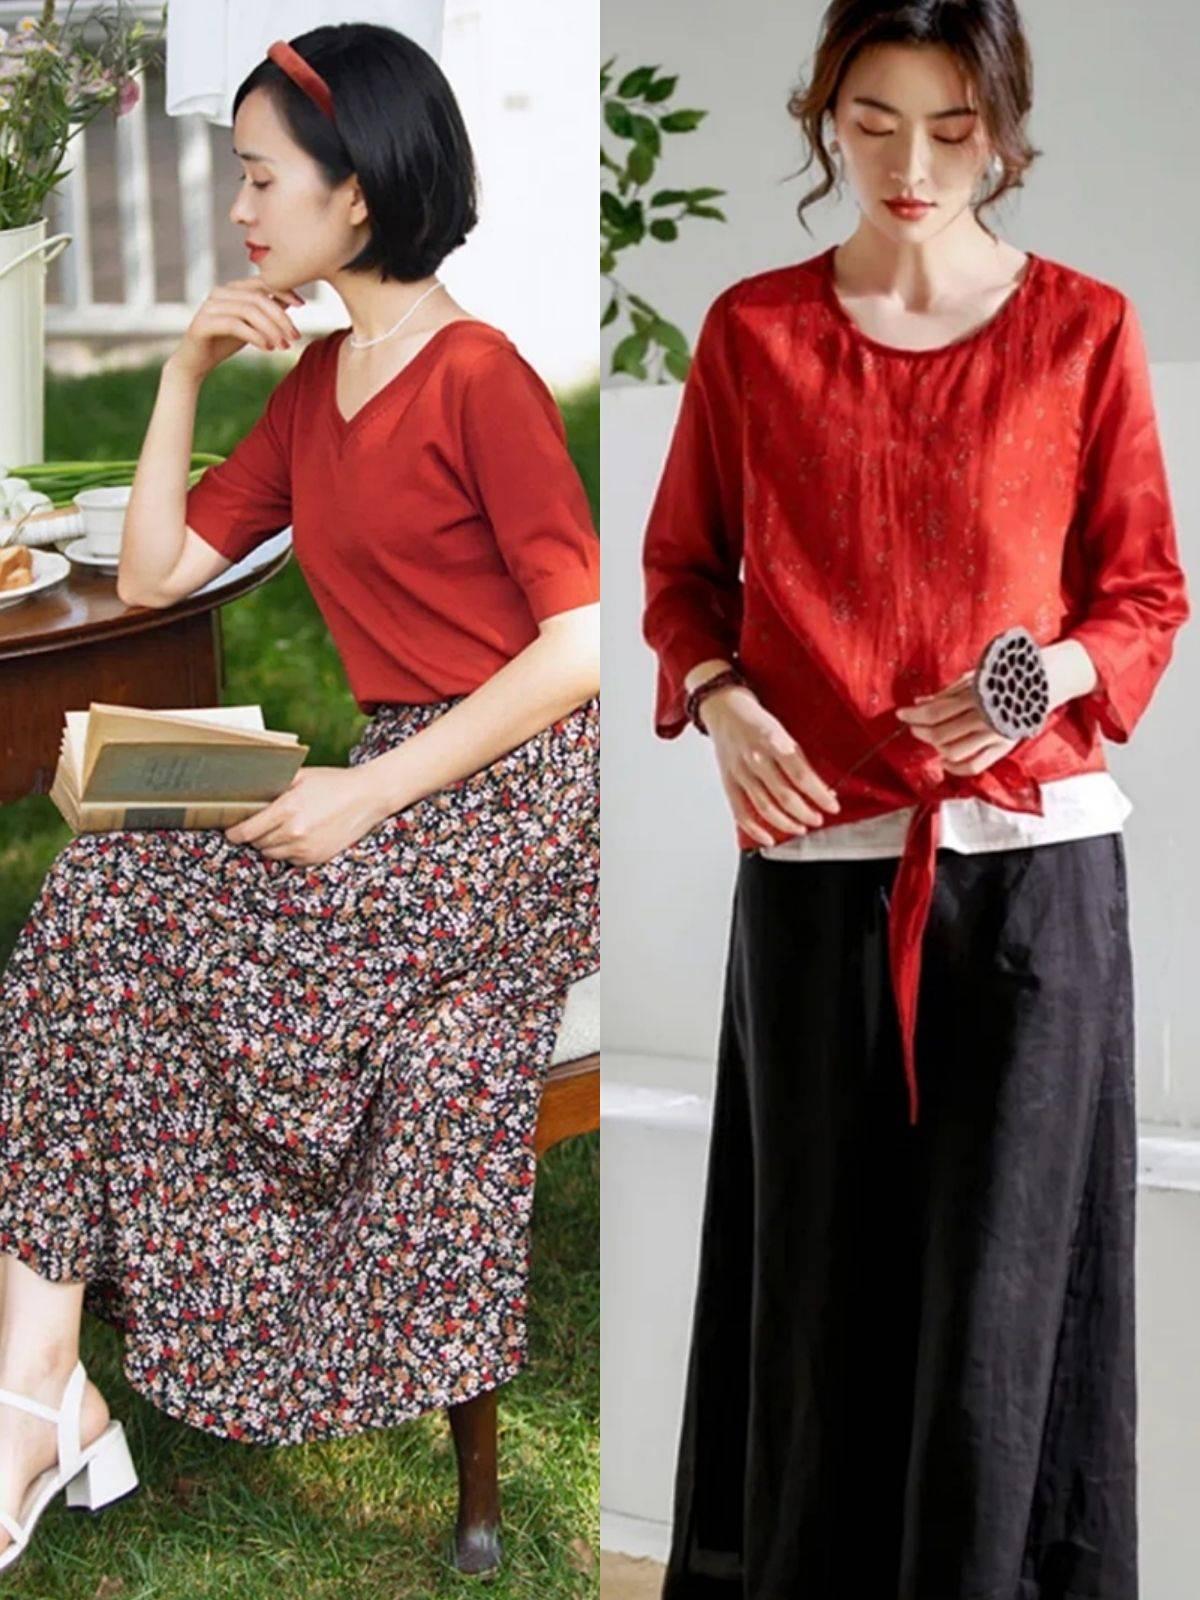 40岁的中年女人初夏半裙流行这样穿,40岁的中年女人初夏半裙怎么穿才好看?